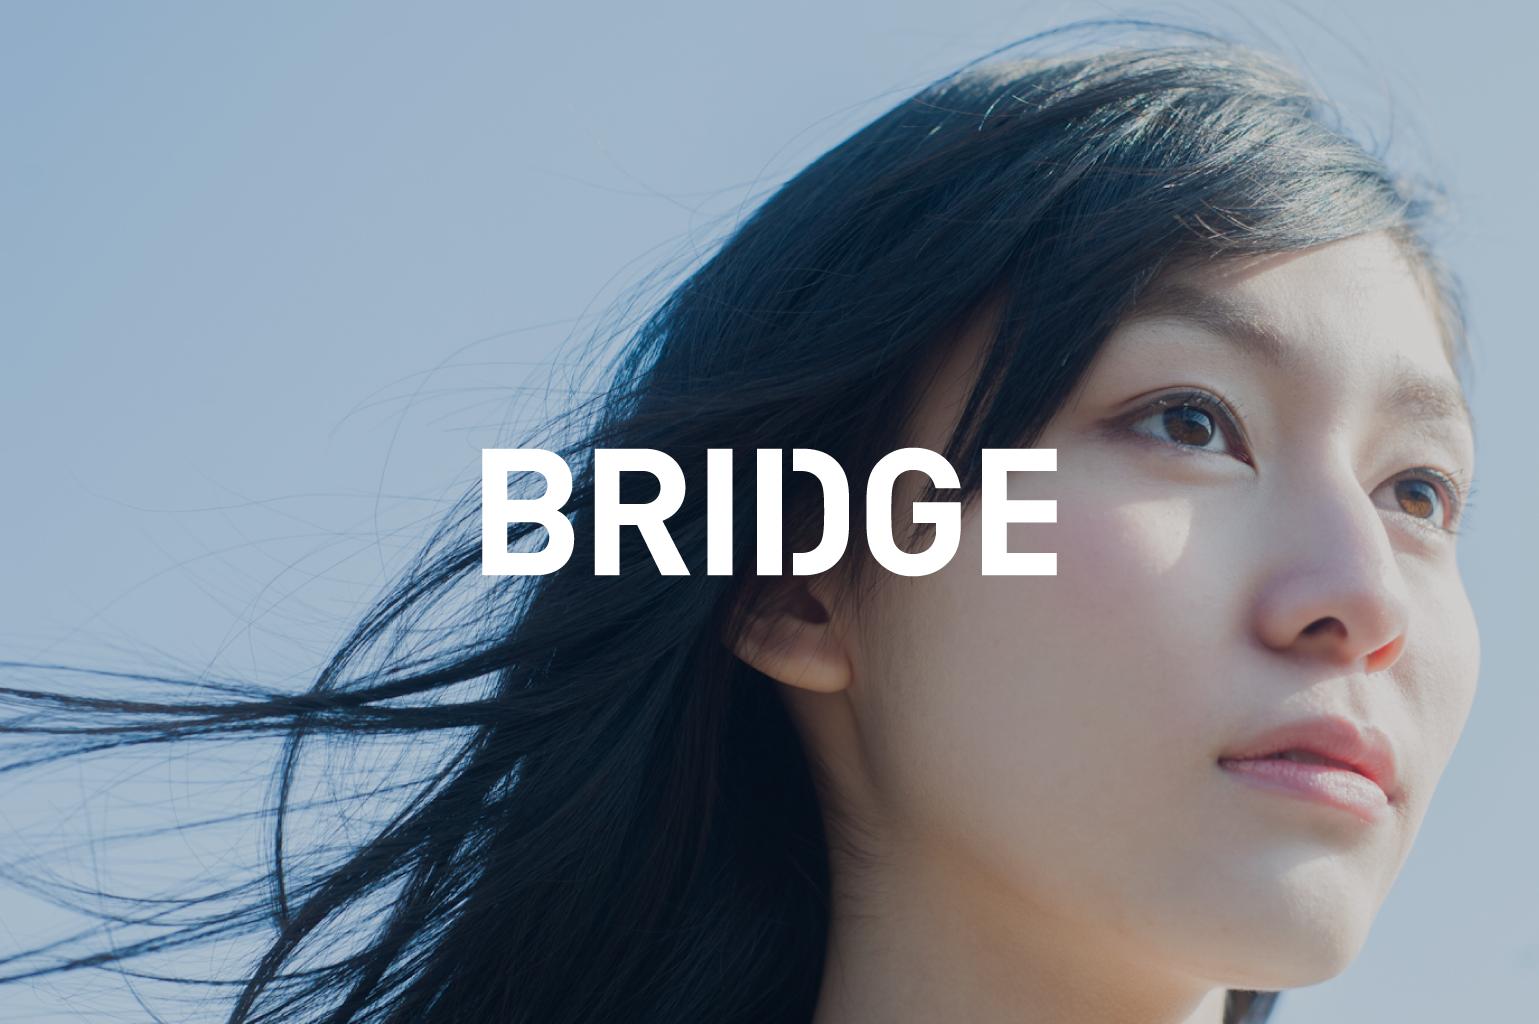 美容業界の広告で地域1番を目指すBRIDGE